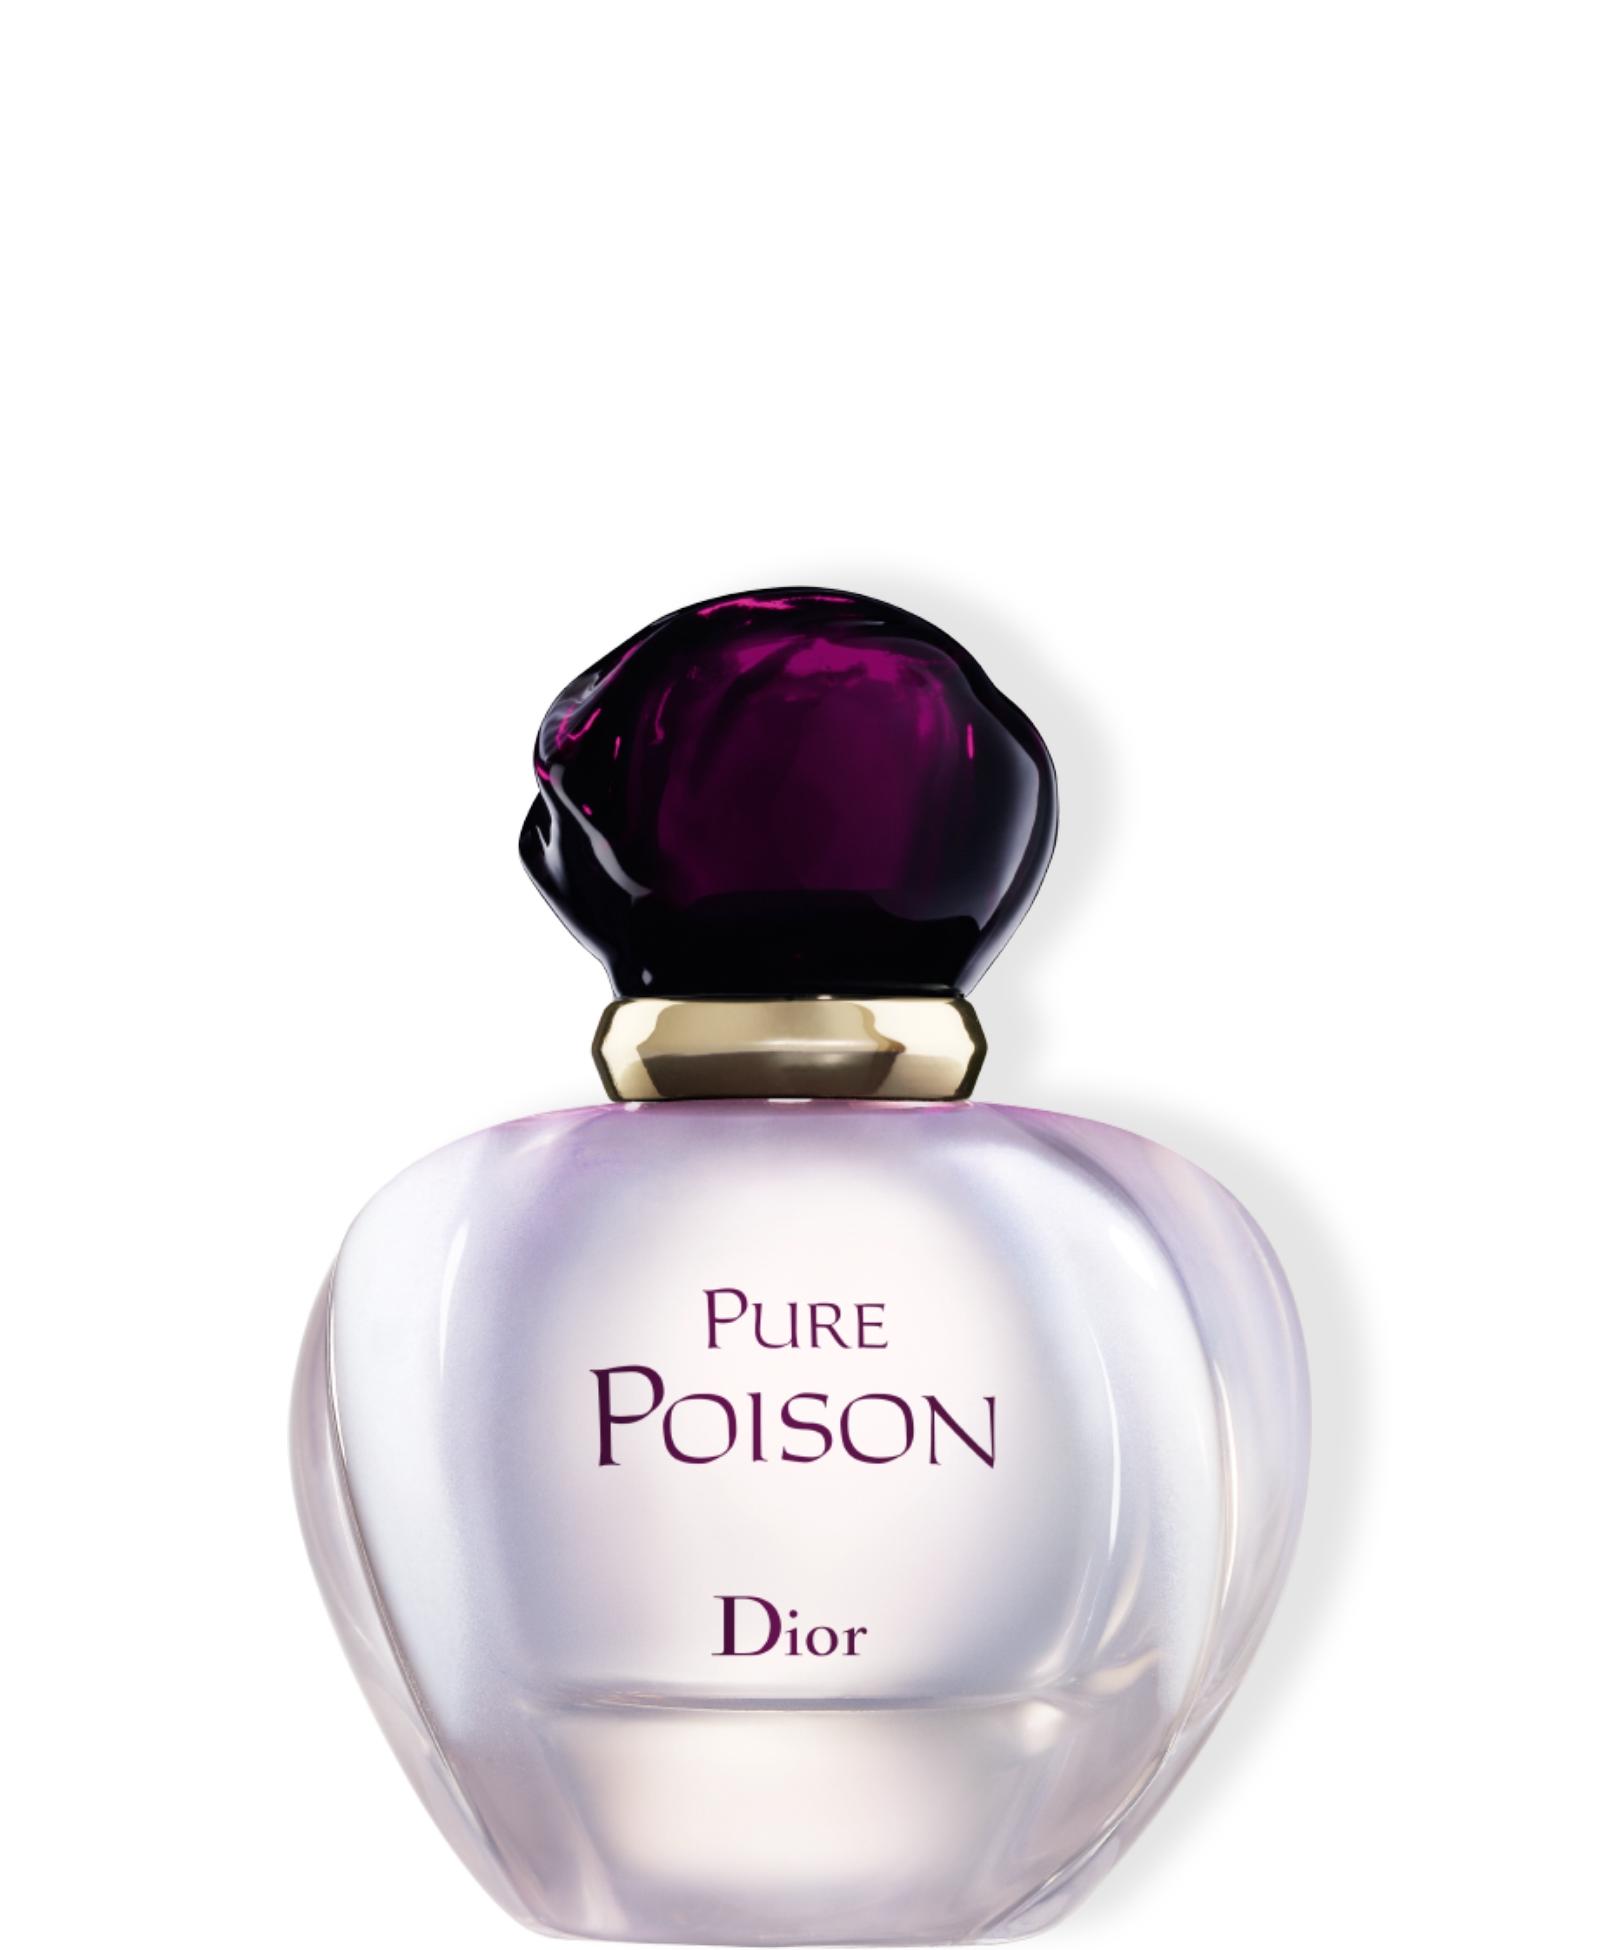 DIOR Pure Poison Eau de Parfum, 30 ml